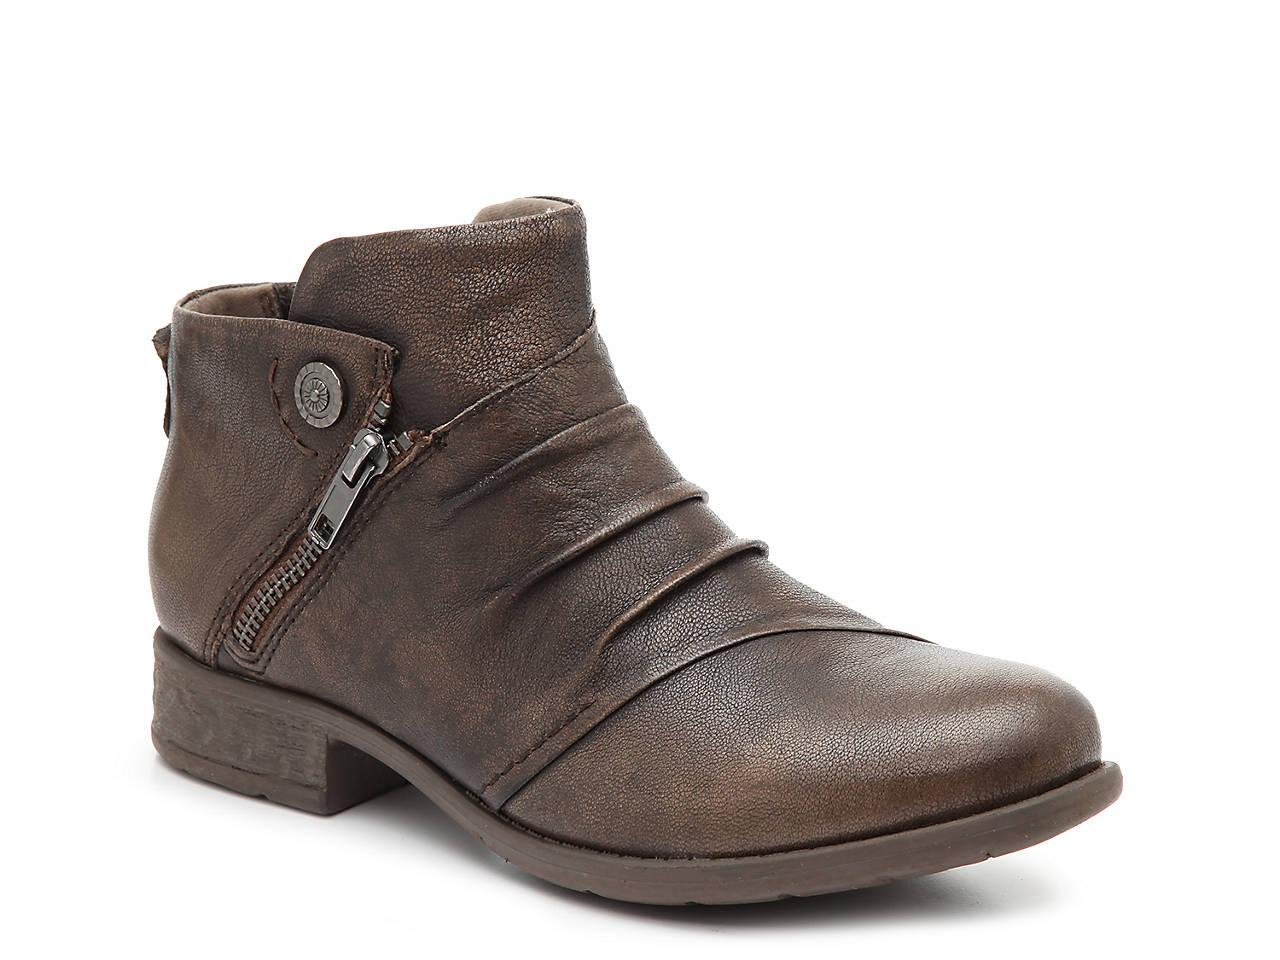 d9fa2e9f3372 Earth Ronan Bootie Women s Shoes